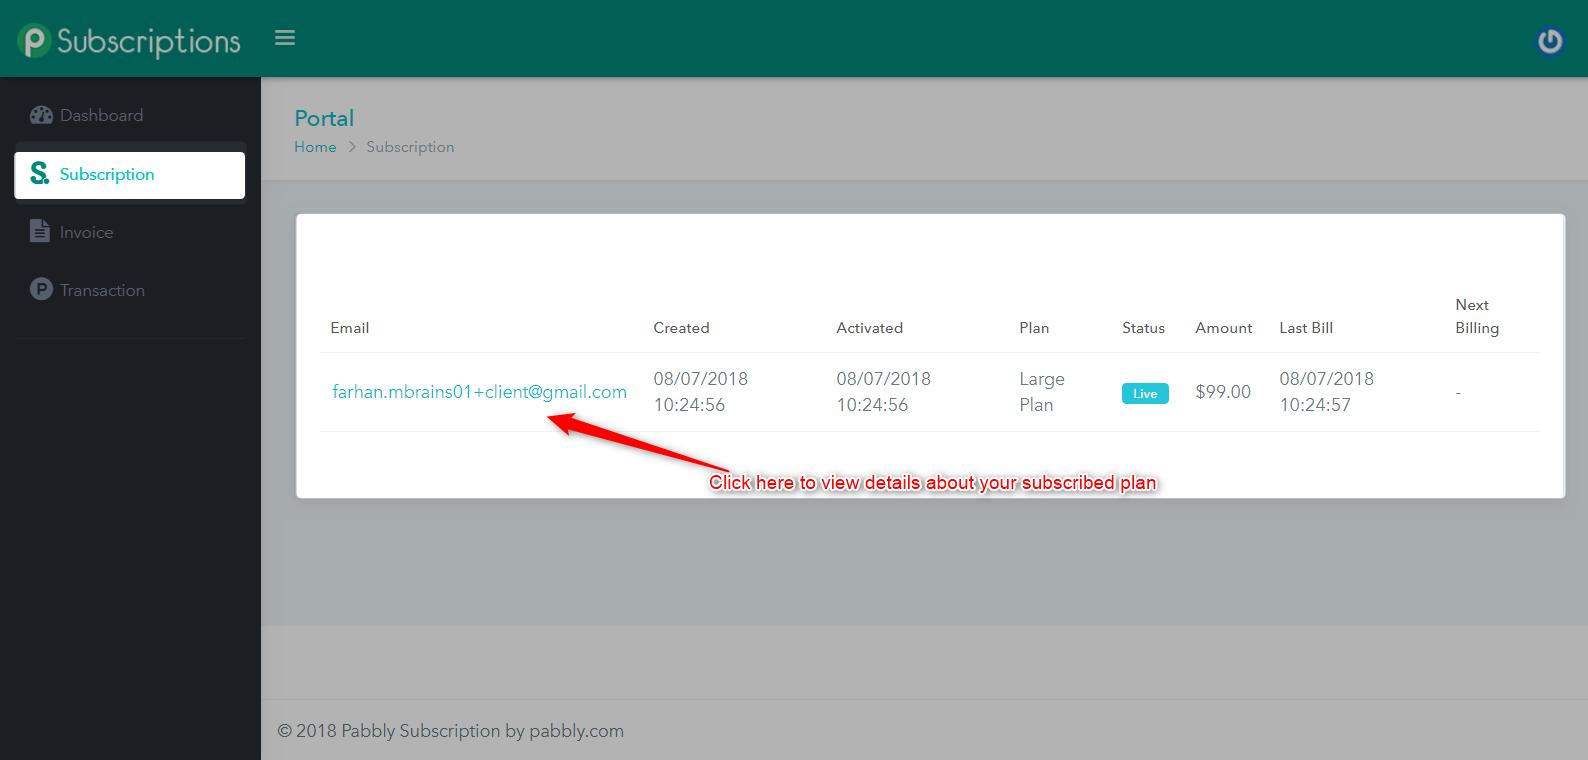 Subscriptions detail client portal